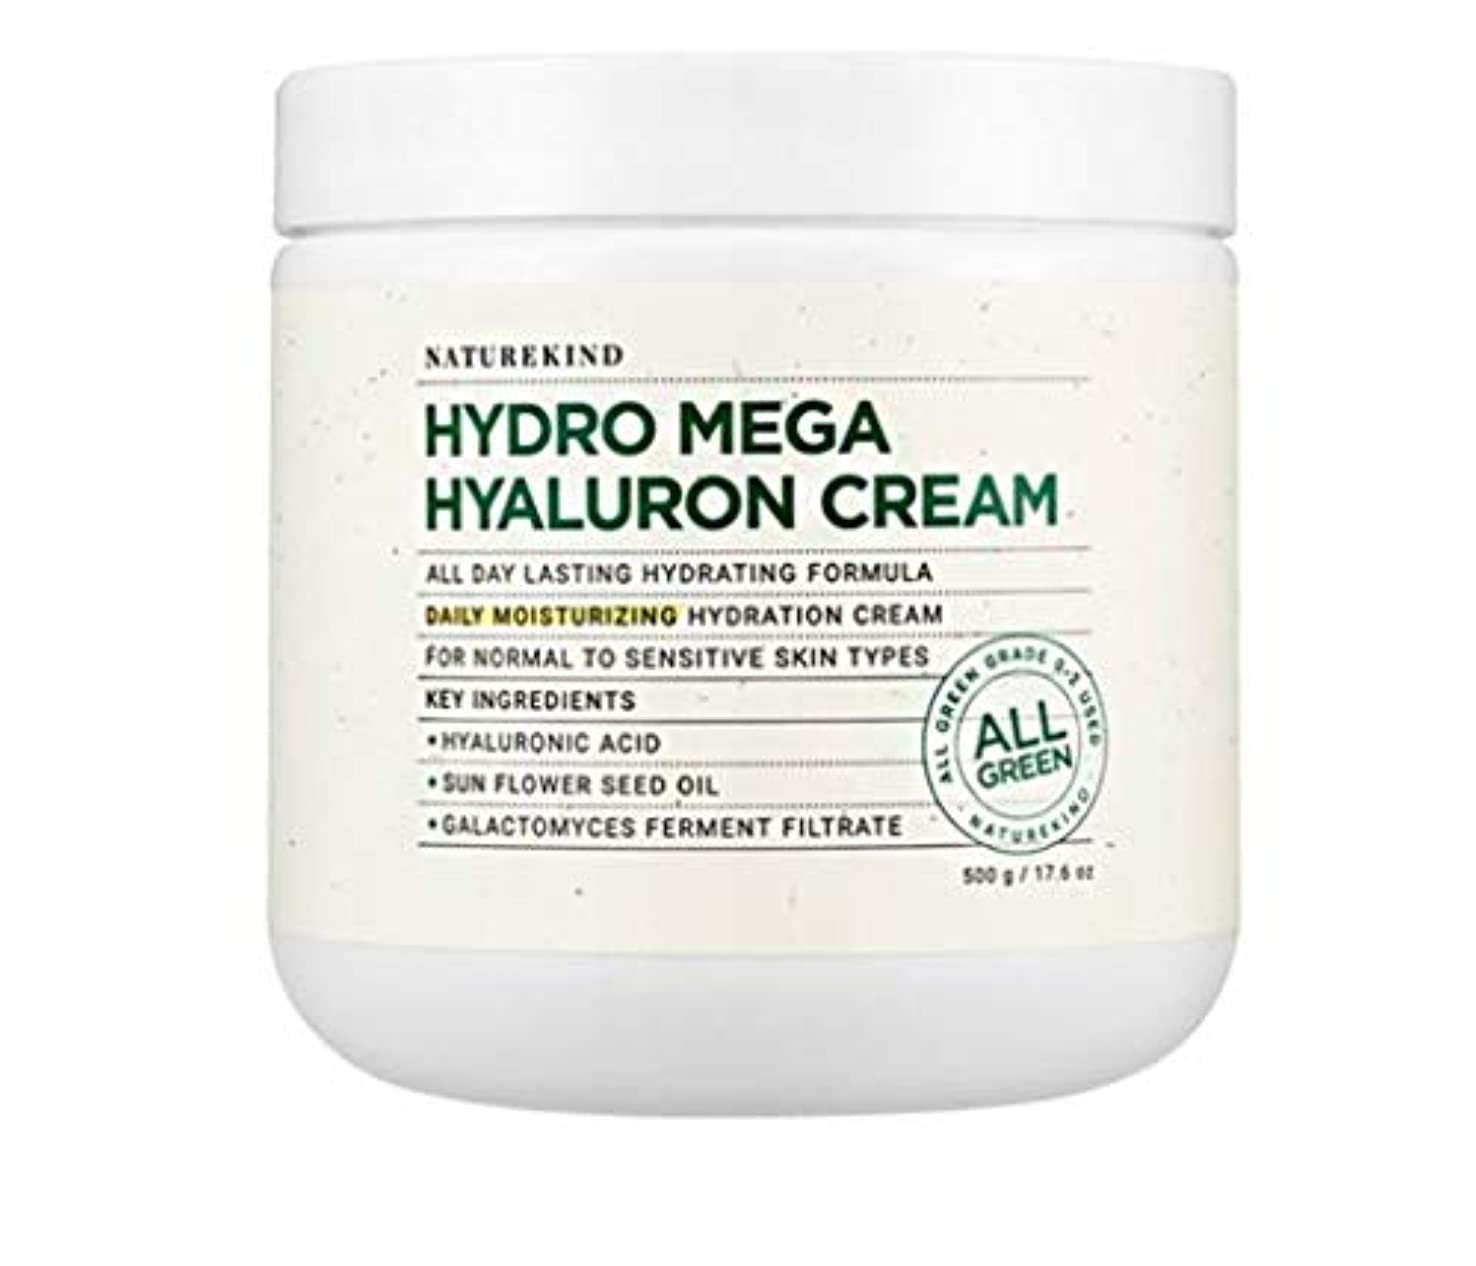 必要ない制裁適合するNATUREKIND HYALURON MEGA HYALURON CREAM ネイチャーカインドヒアルロン高濃縮水分保湿クリーム大容量500g(並行輸入品)